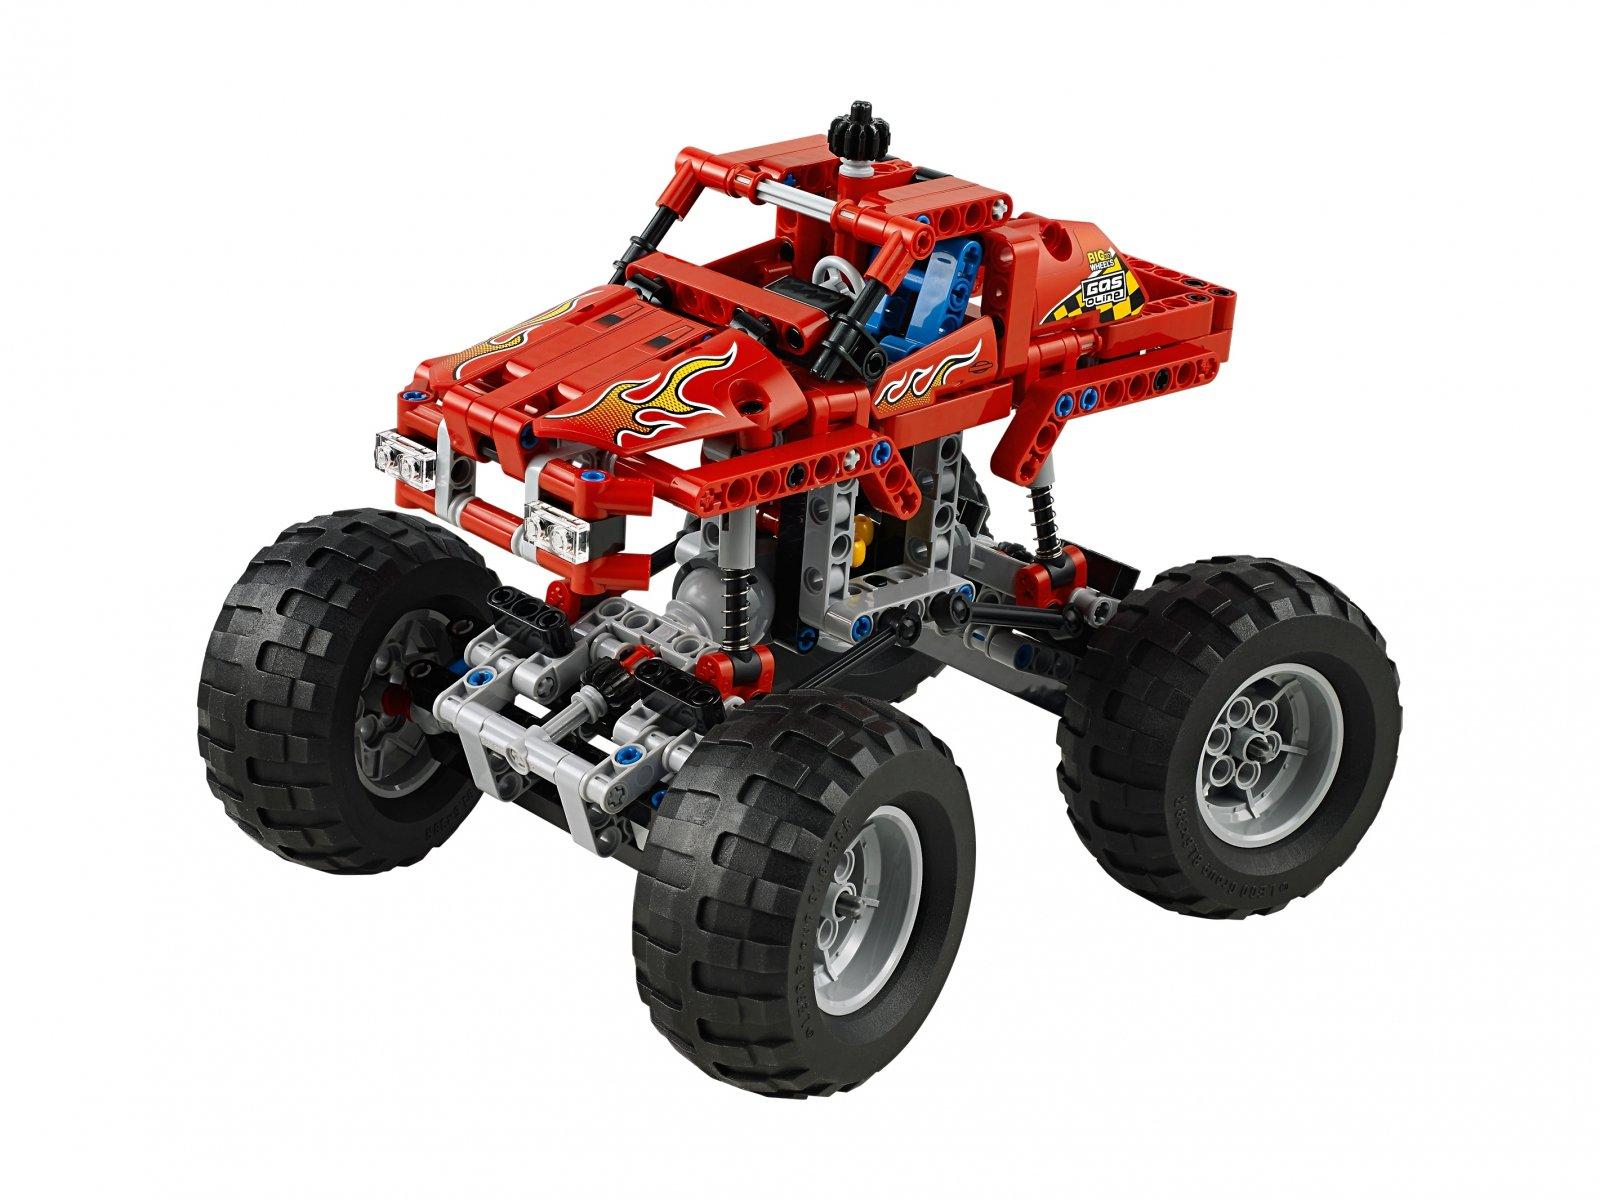 LEGO 42005 Monster truck